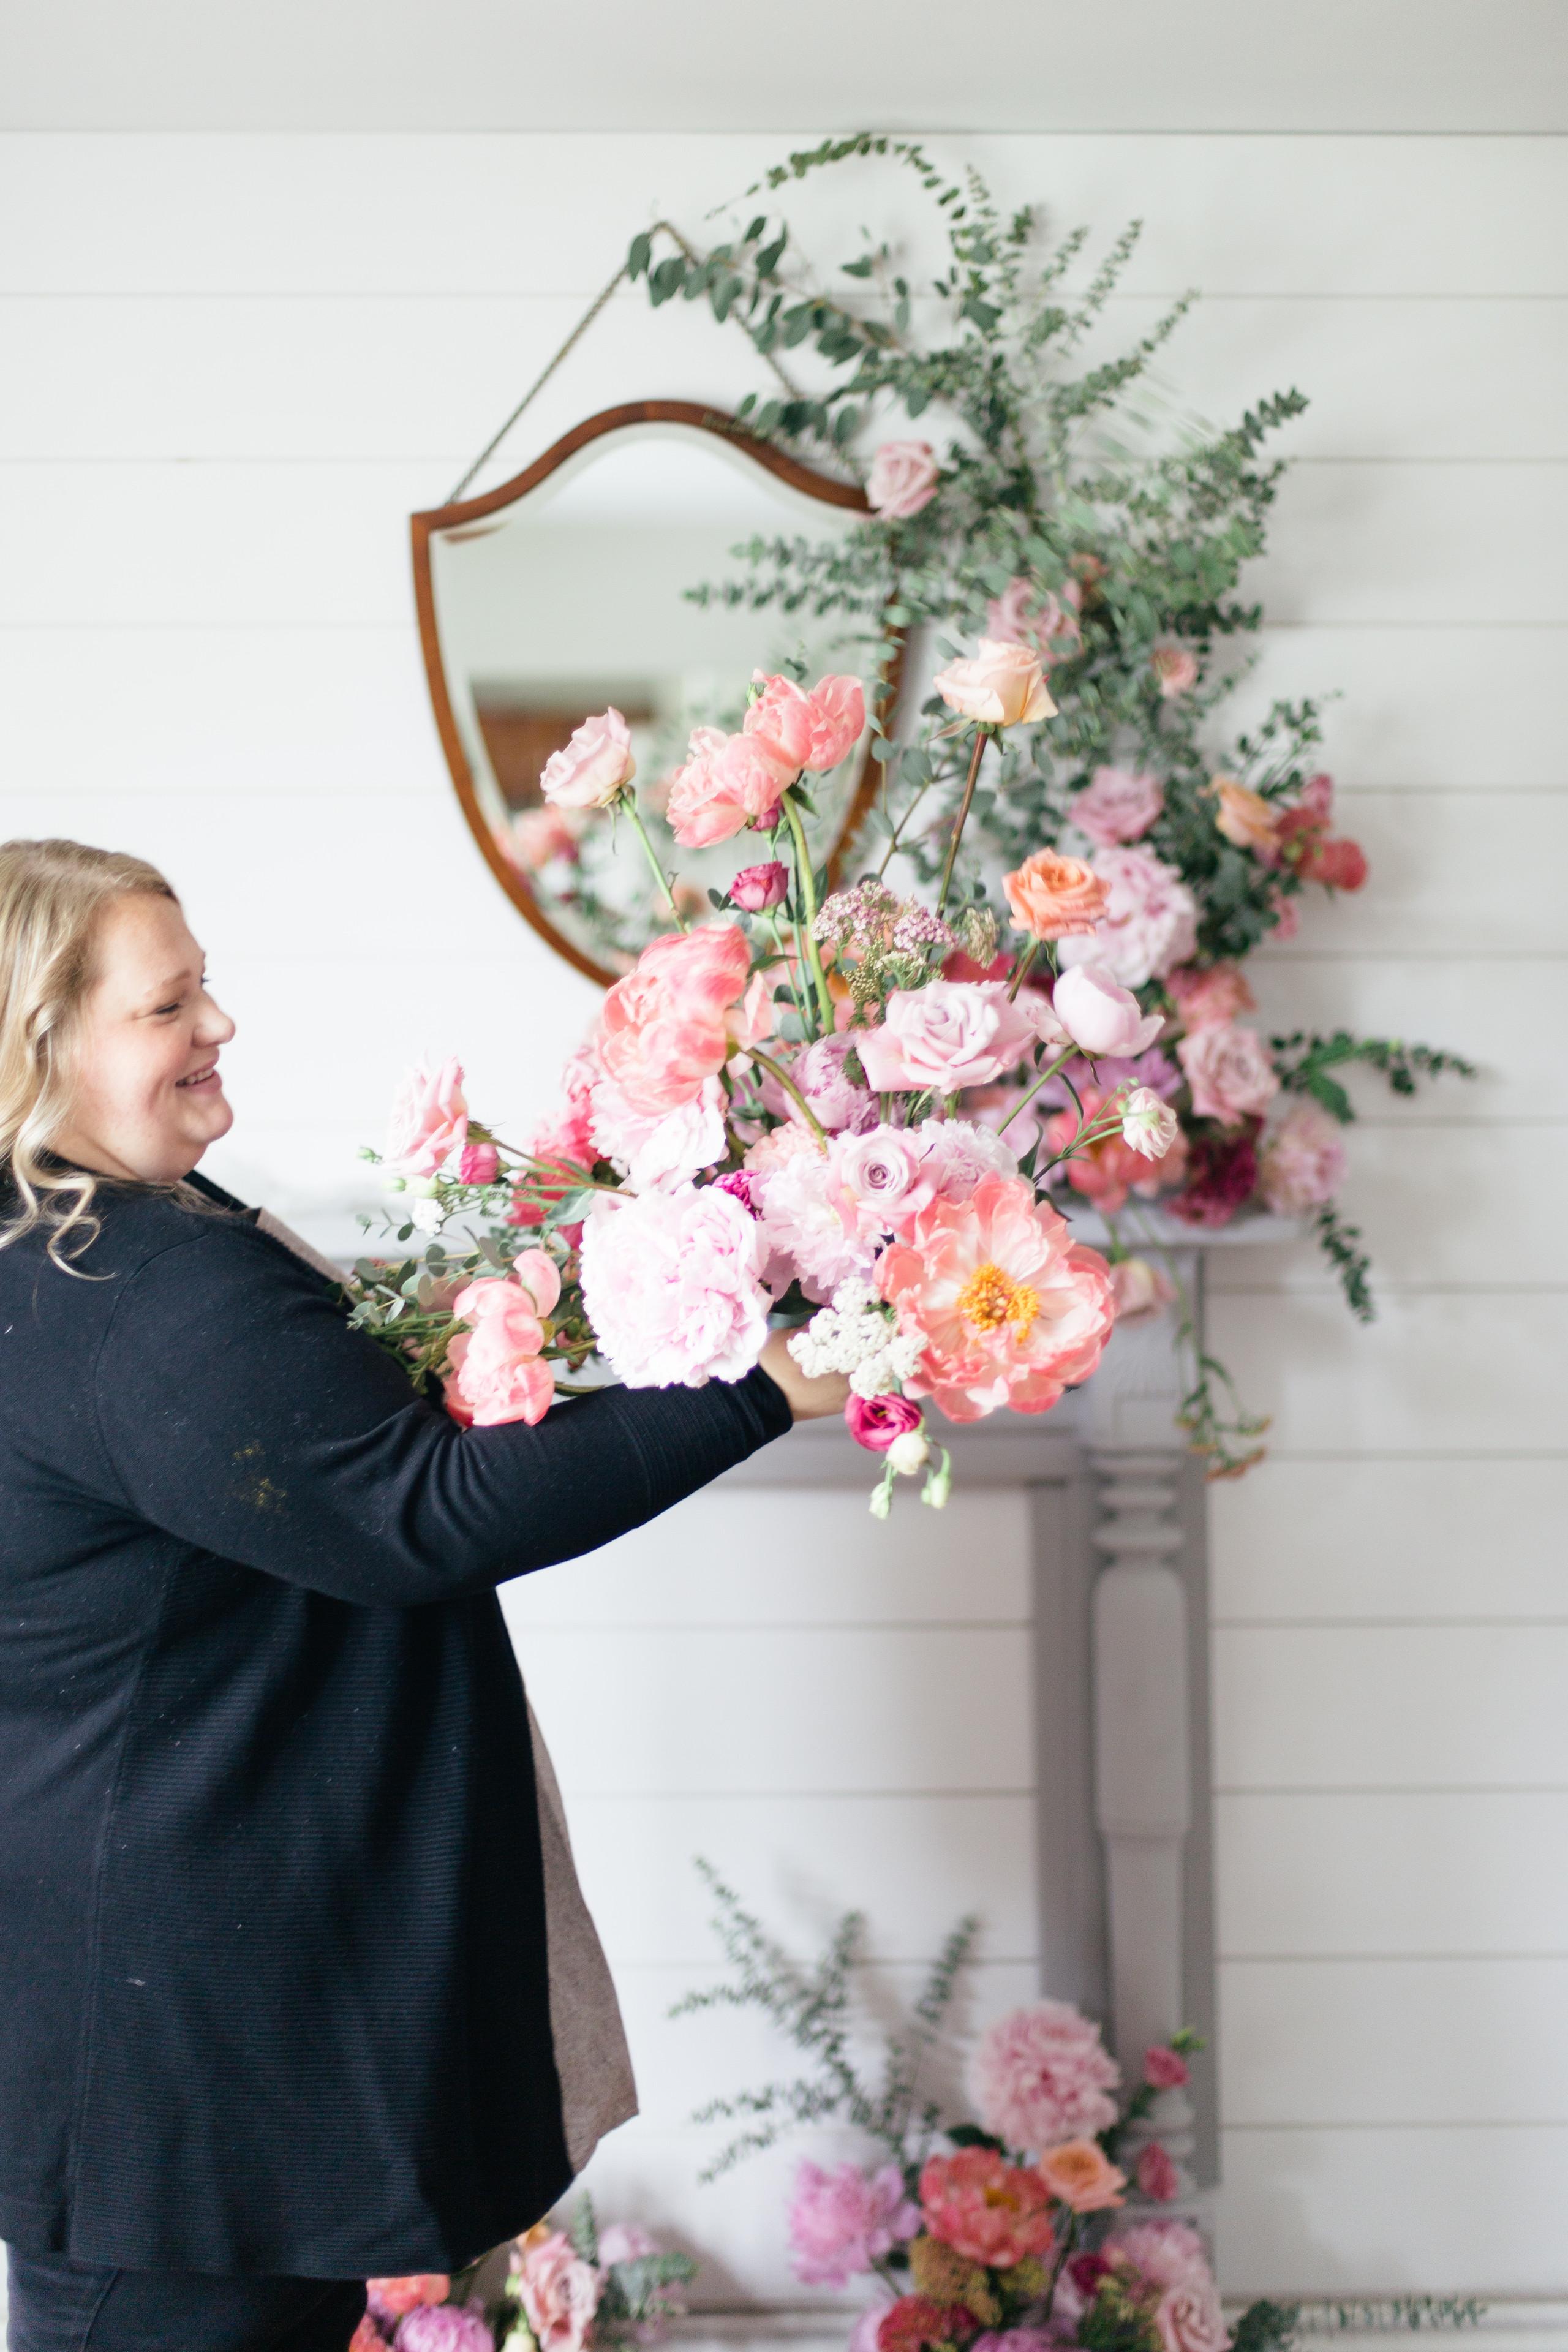 Branding session for floral designer Twig and Twine Floristry, Halifax Wedding Floral designer